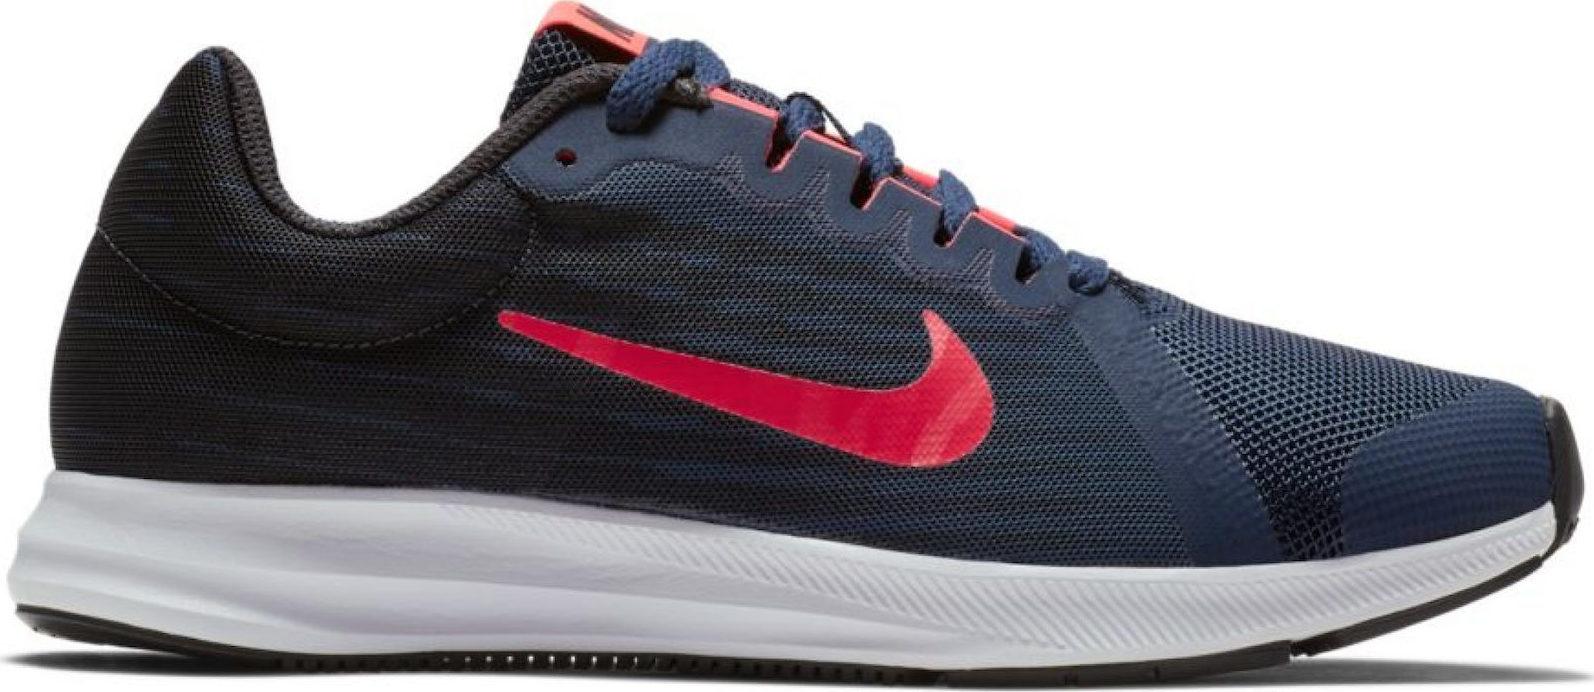 787c73af066 Προσθήκη στα αγαπημένα menu Nike Nike Downshifter 8